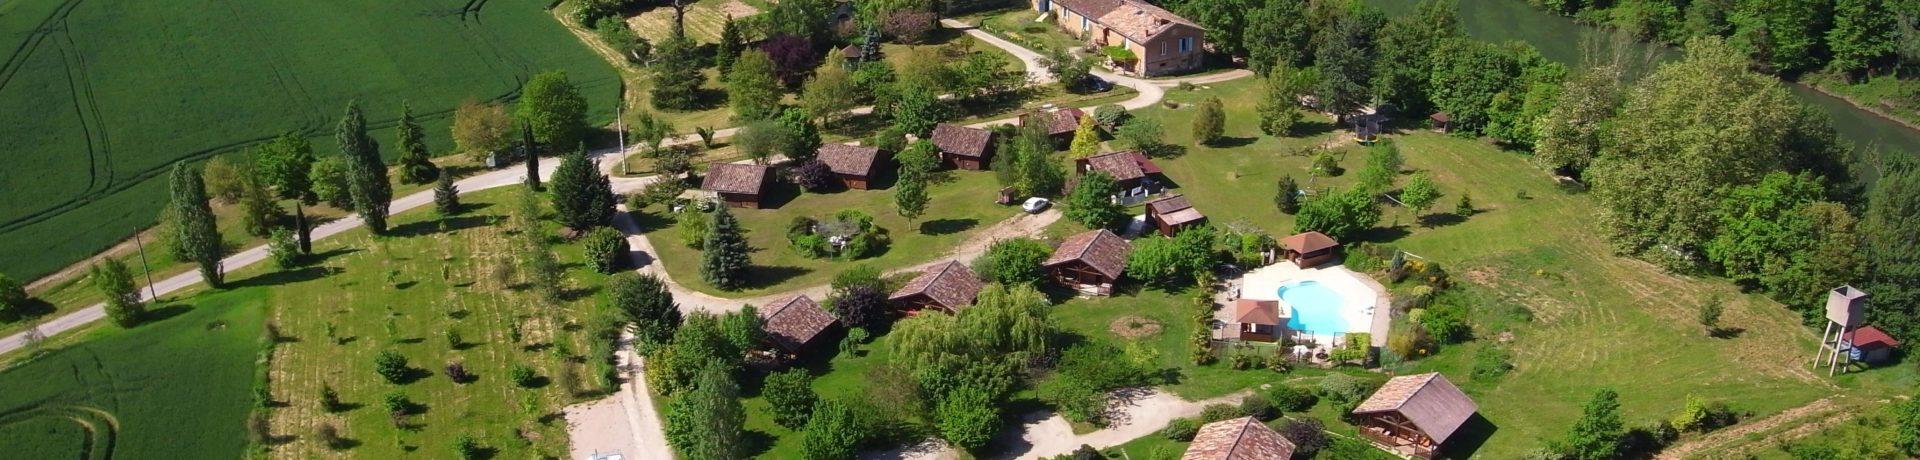 Les Chalets De Fiolles is een kleine op het platteland in Brens in de regio Rhône-Alpes met staplaatsen en huuraccommodaties.